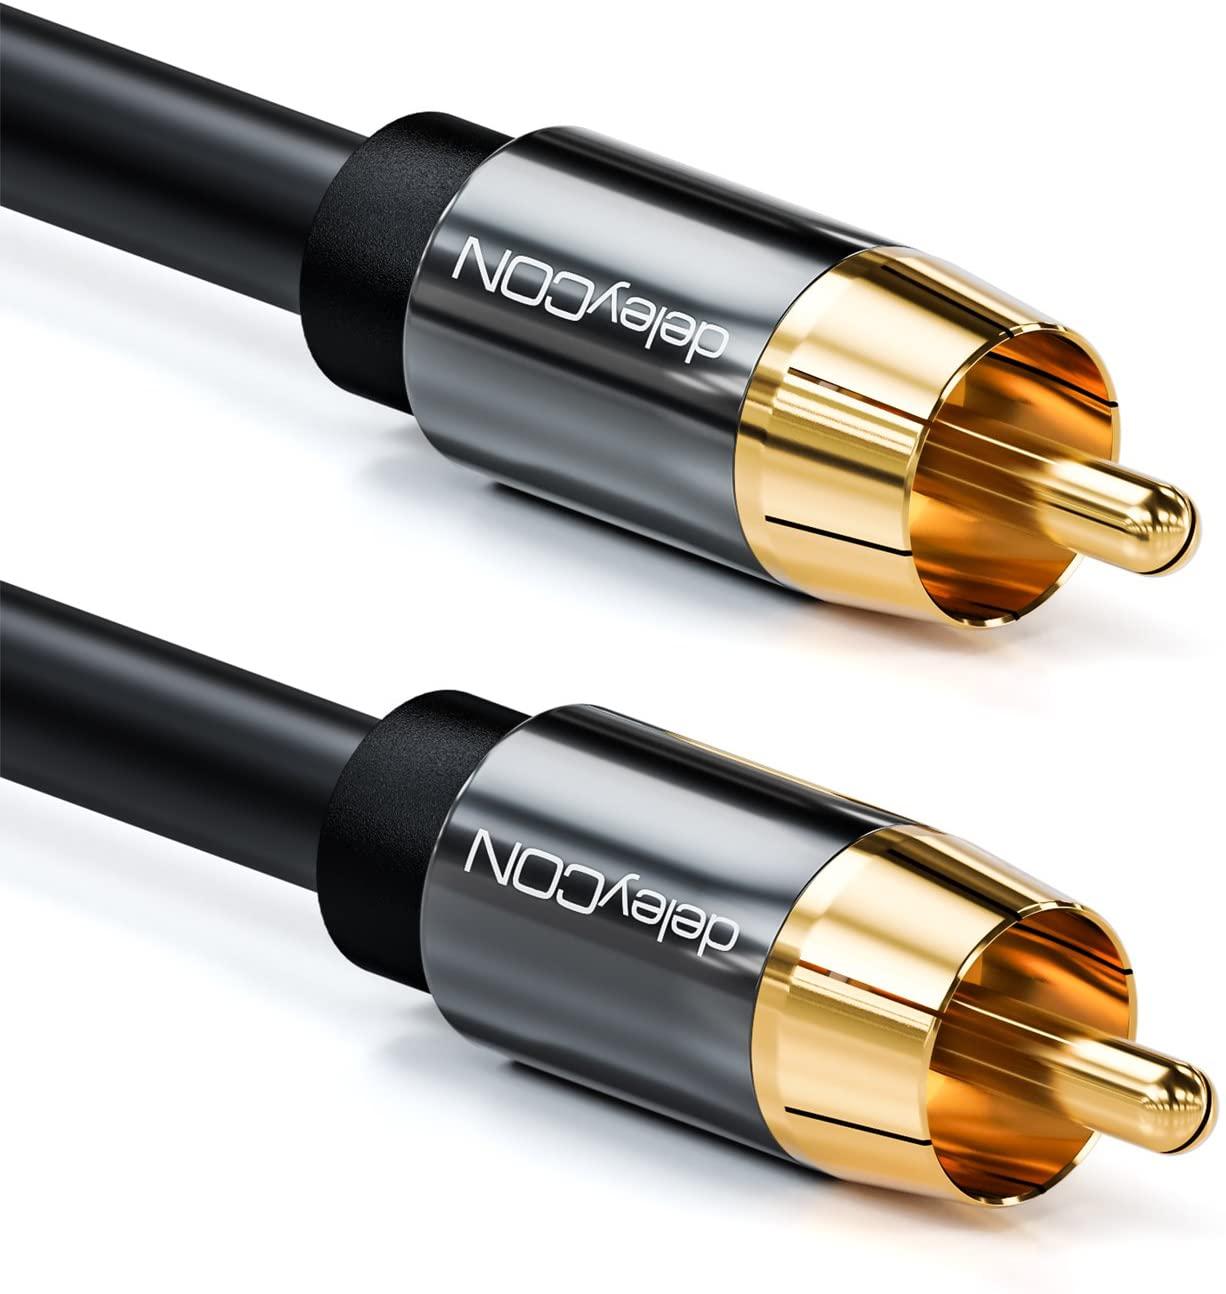 deleyCON Cable para Subwoofer 5m - Cable Coaxial Digital con Conector RCA - Contactos Chapados - Cable de Audio - Subwoofer Receptor AV Amplificador Cine de Casa